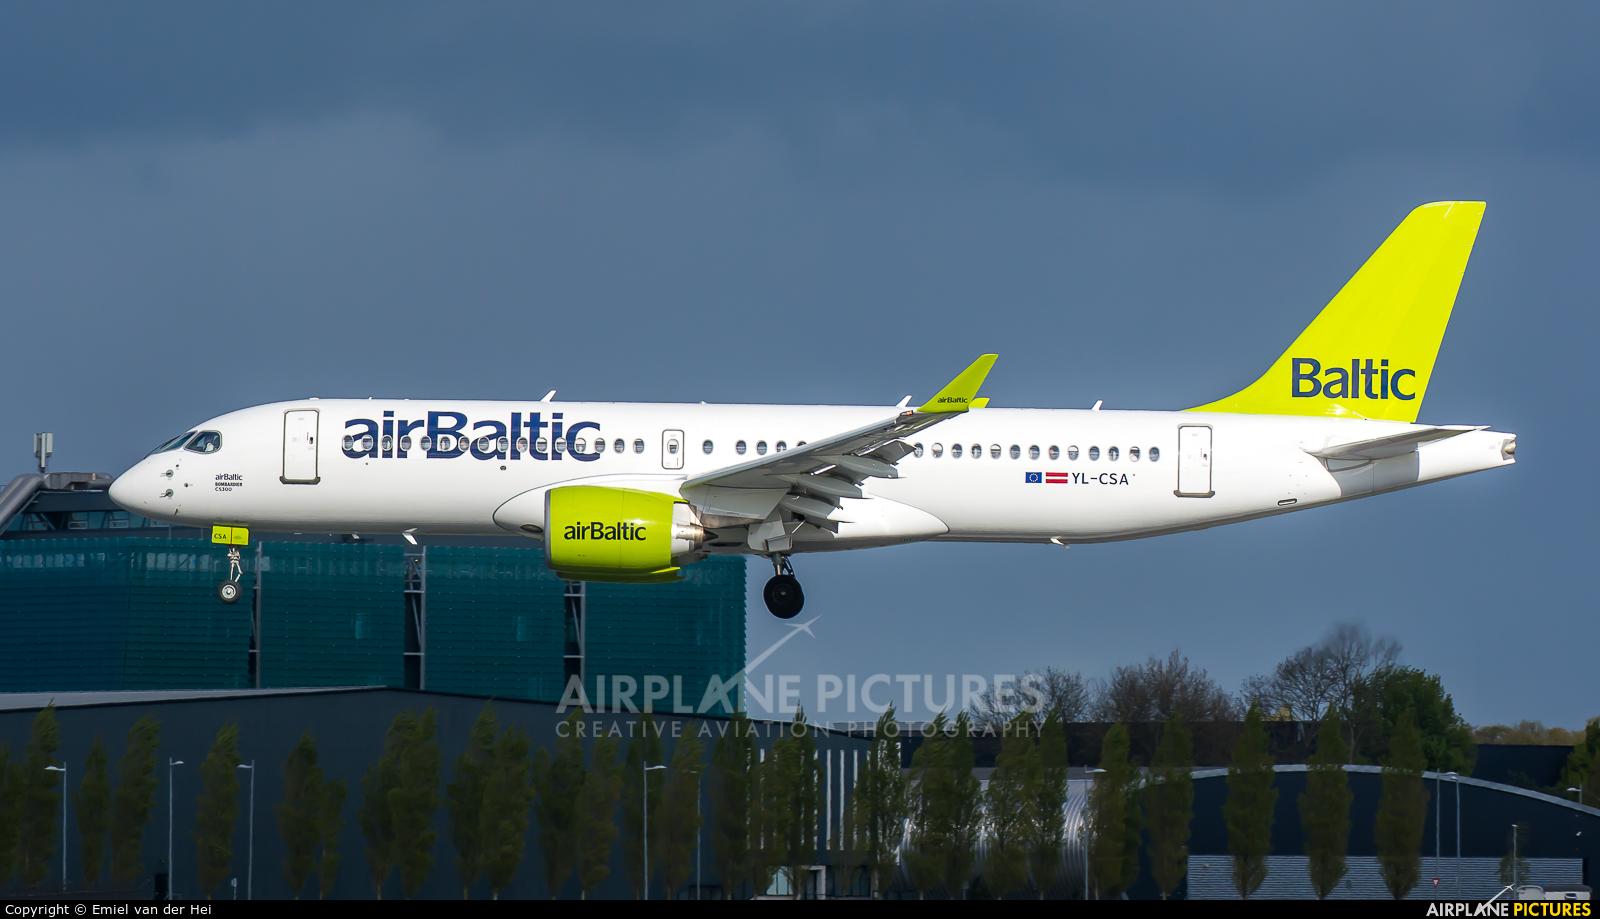 Air Baltic YL-CSA aircraft at Amsterdam - Schiphol